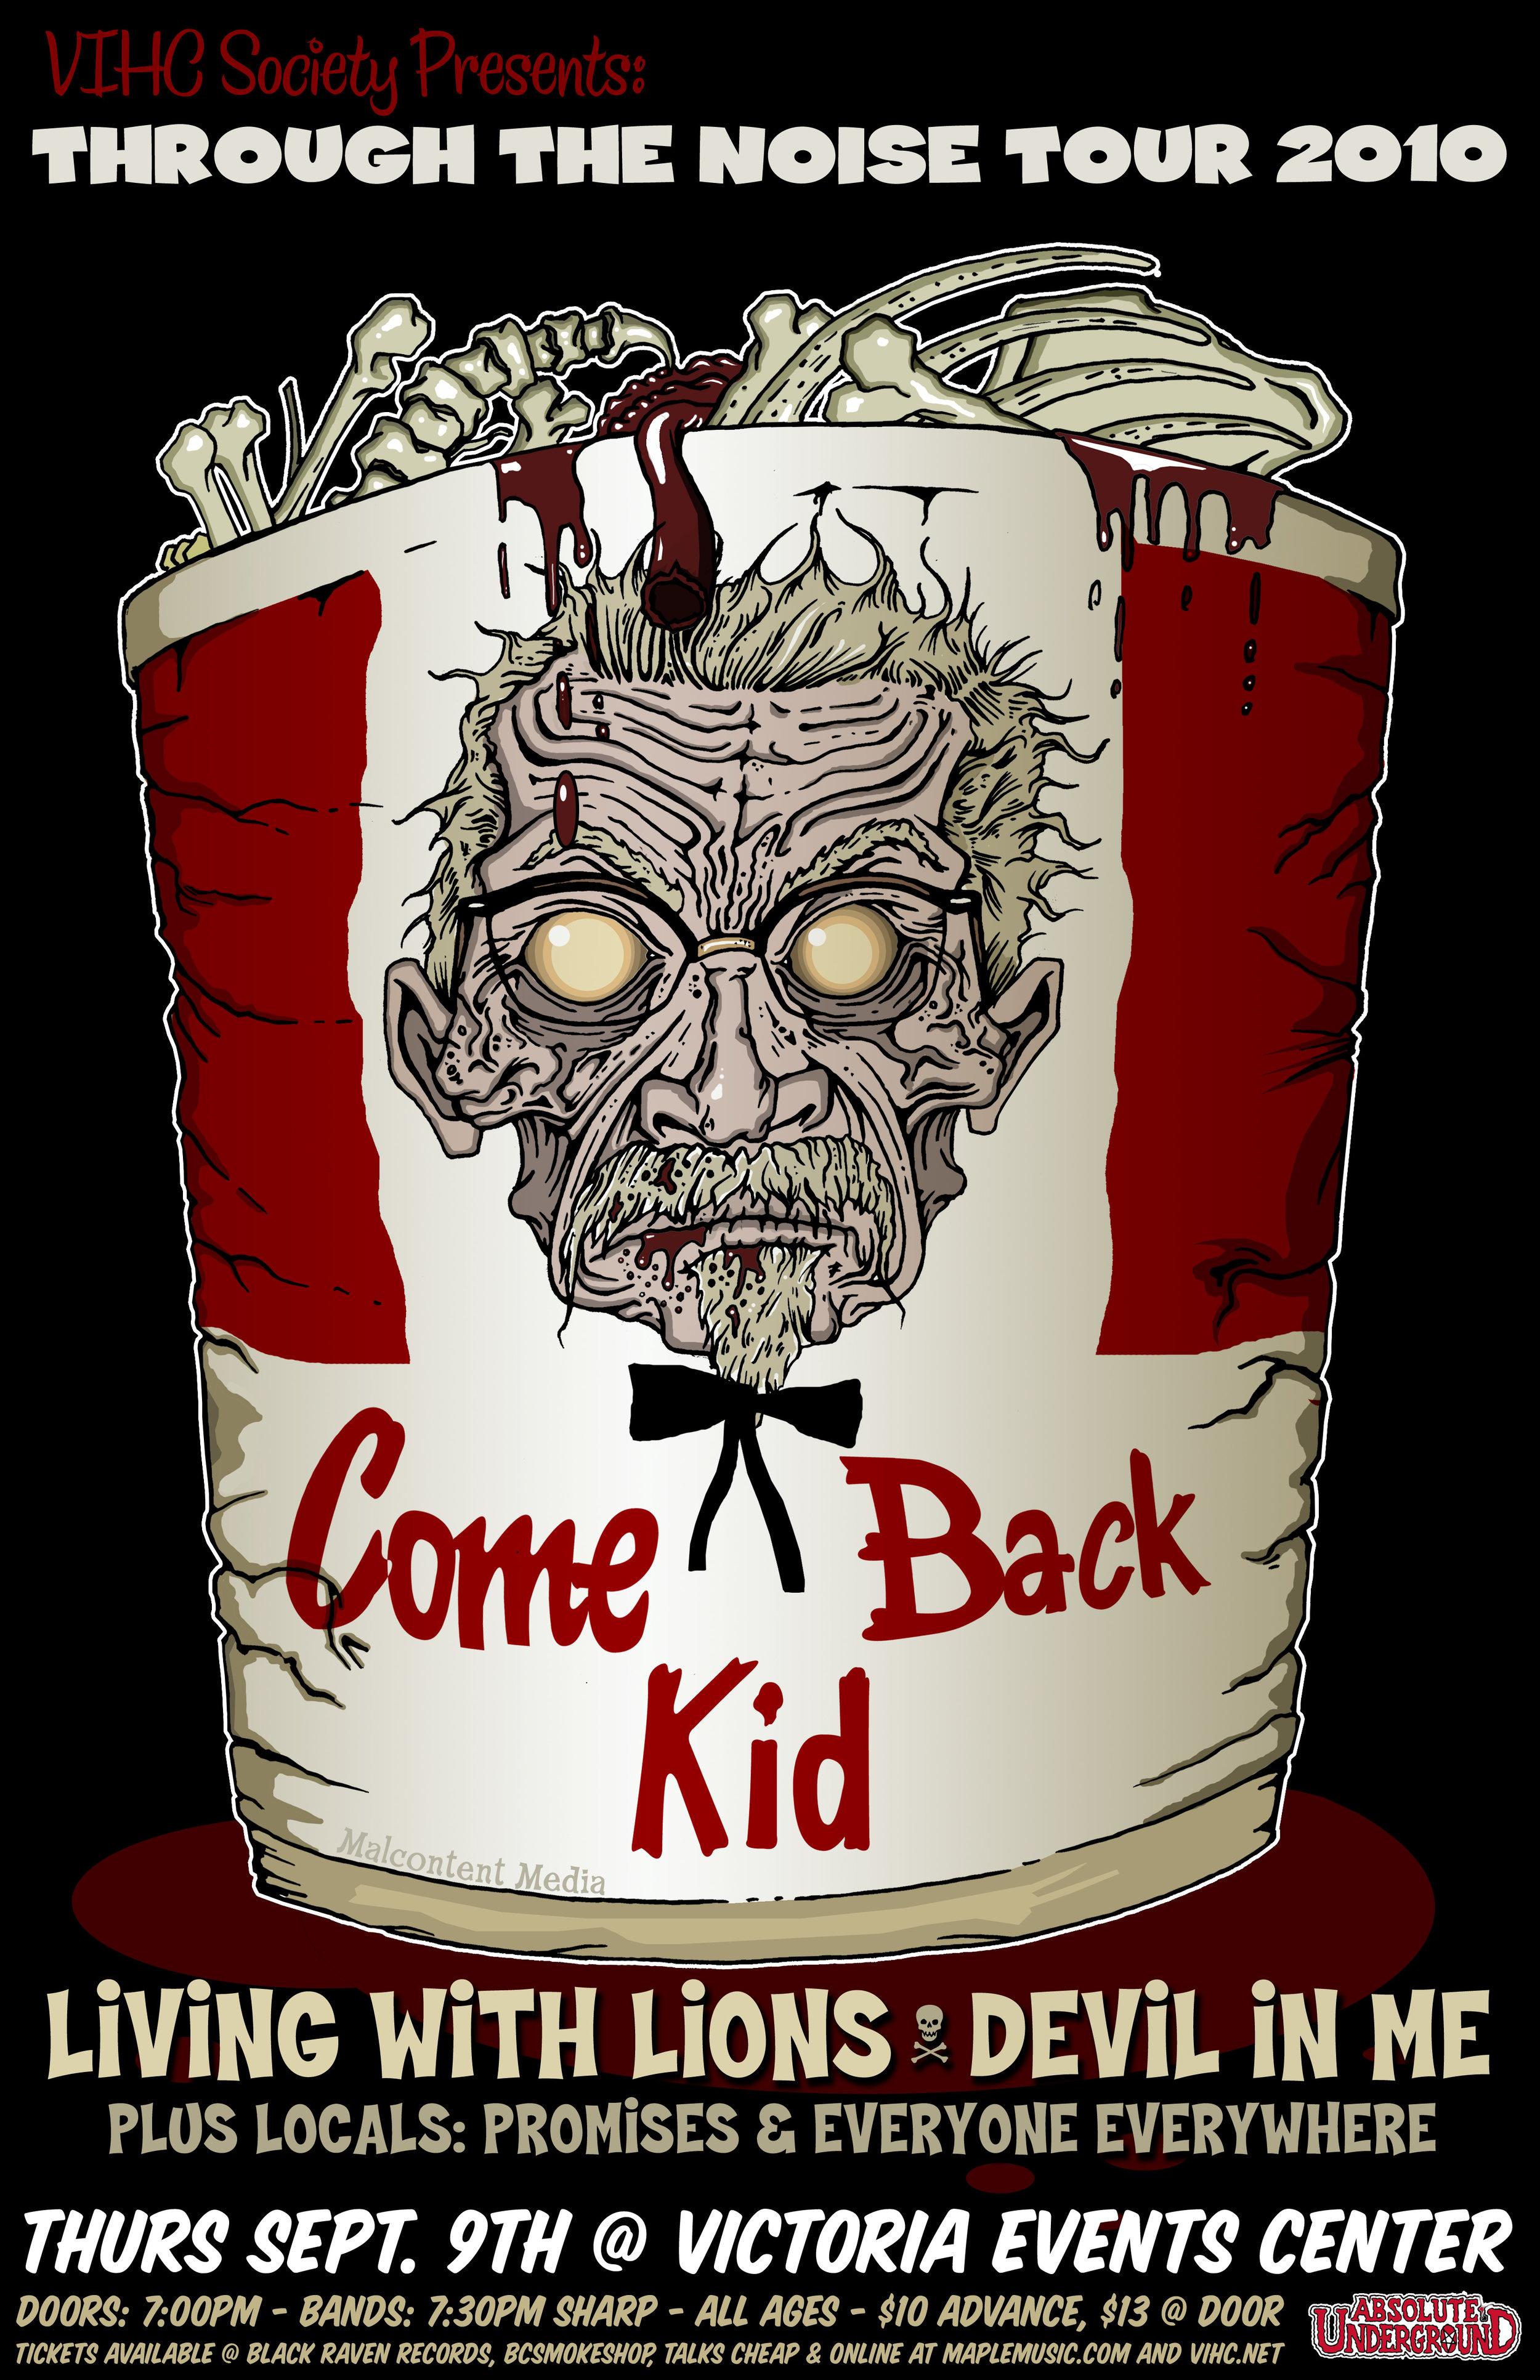 comeback_kid_full_res.jpg